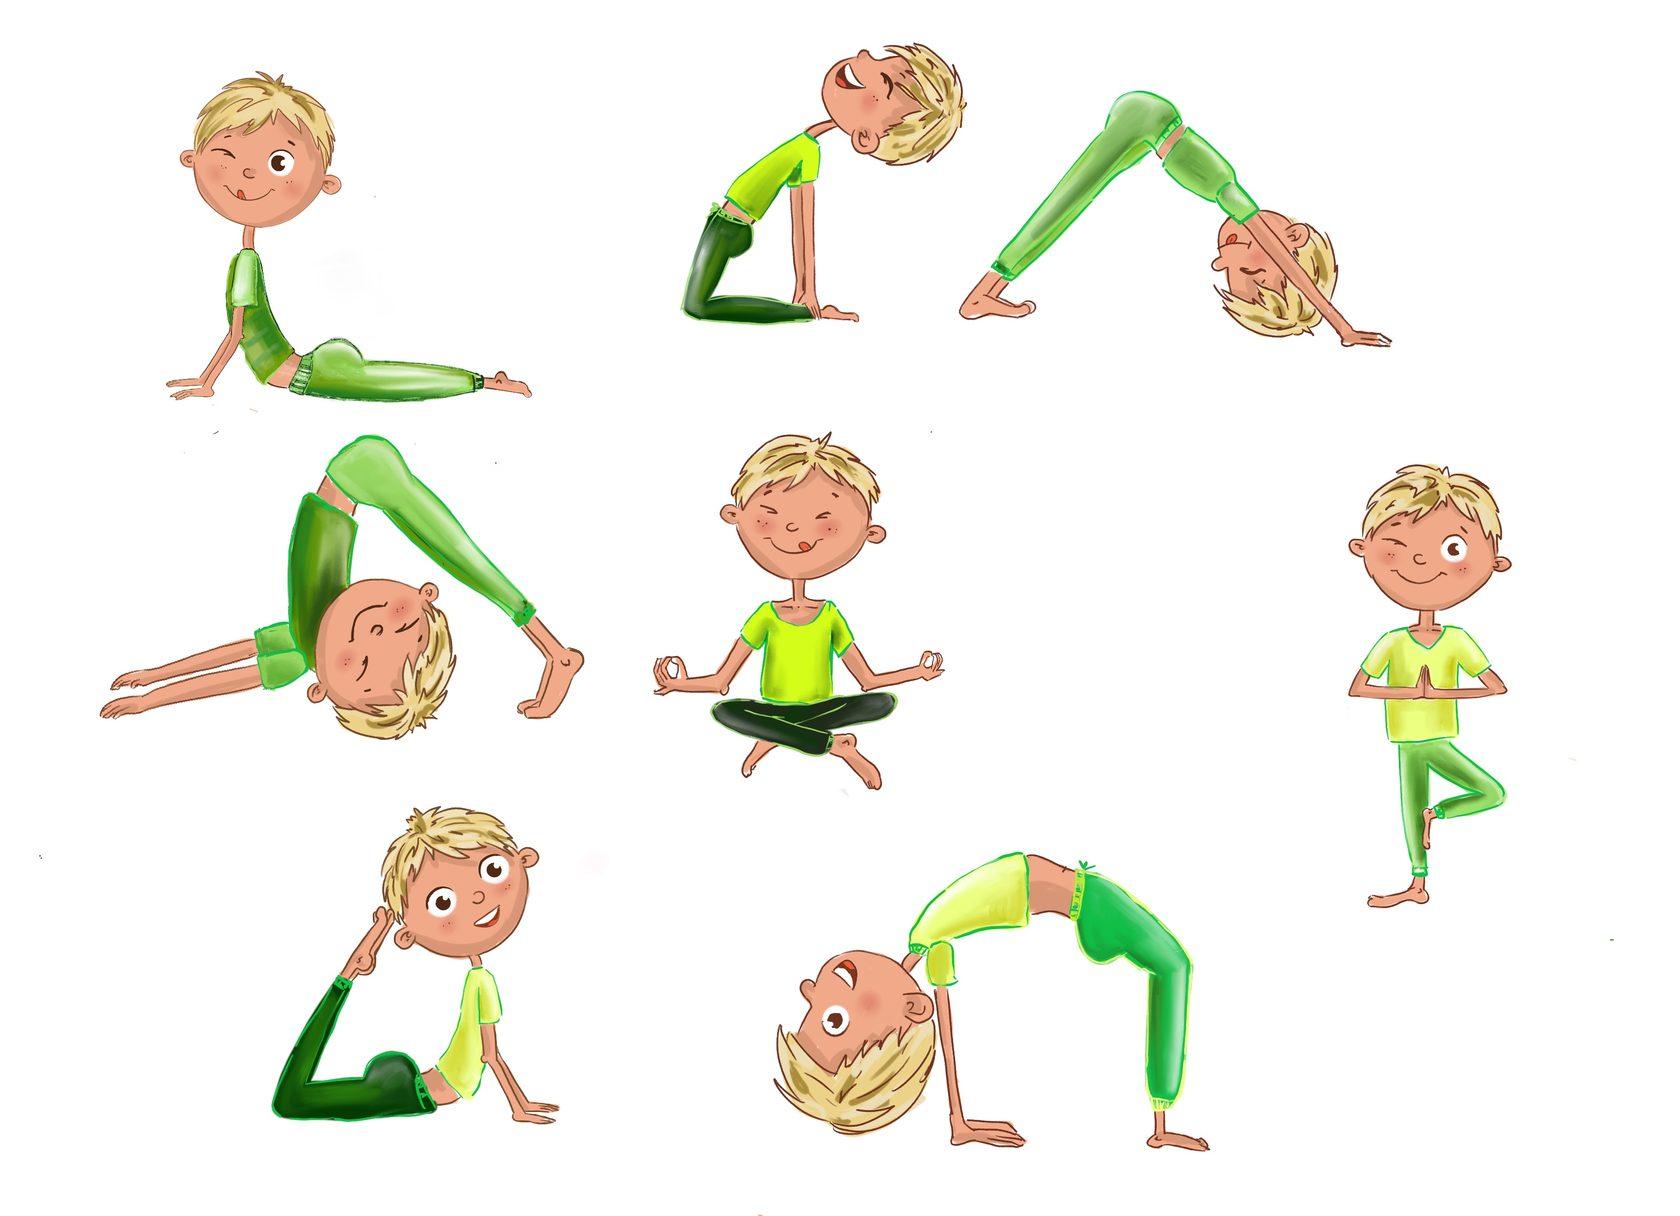 изображения упражнений картинки подопытного